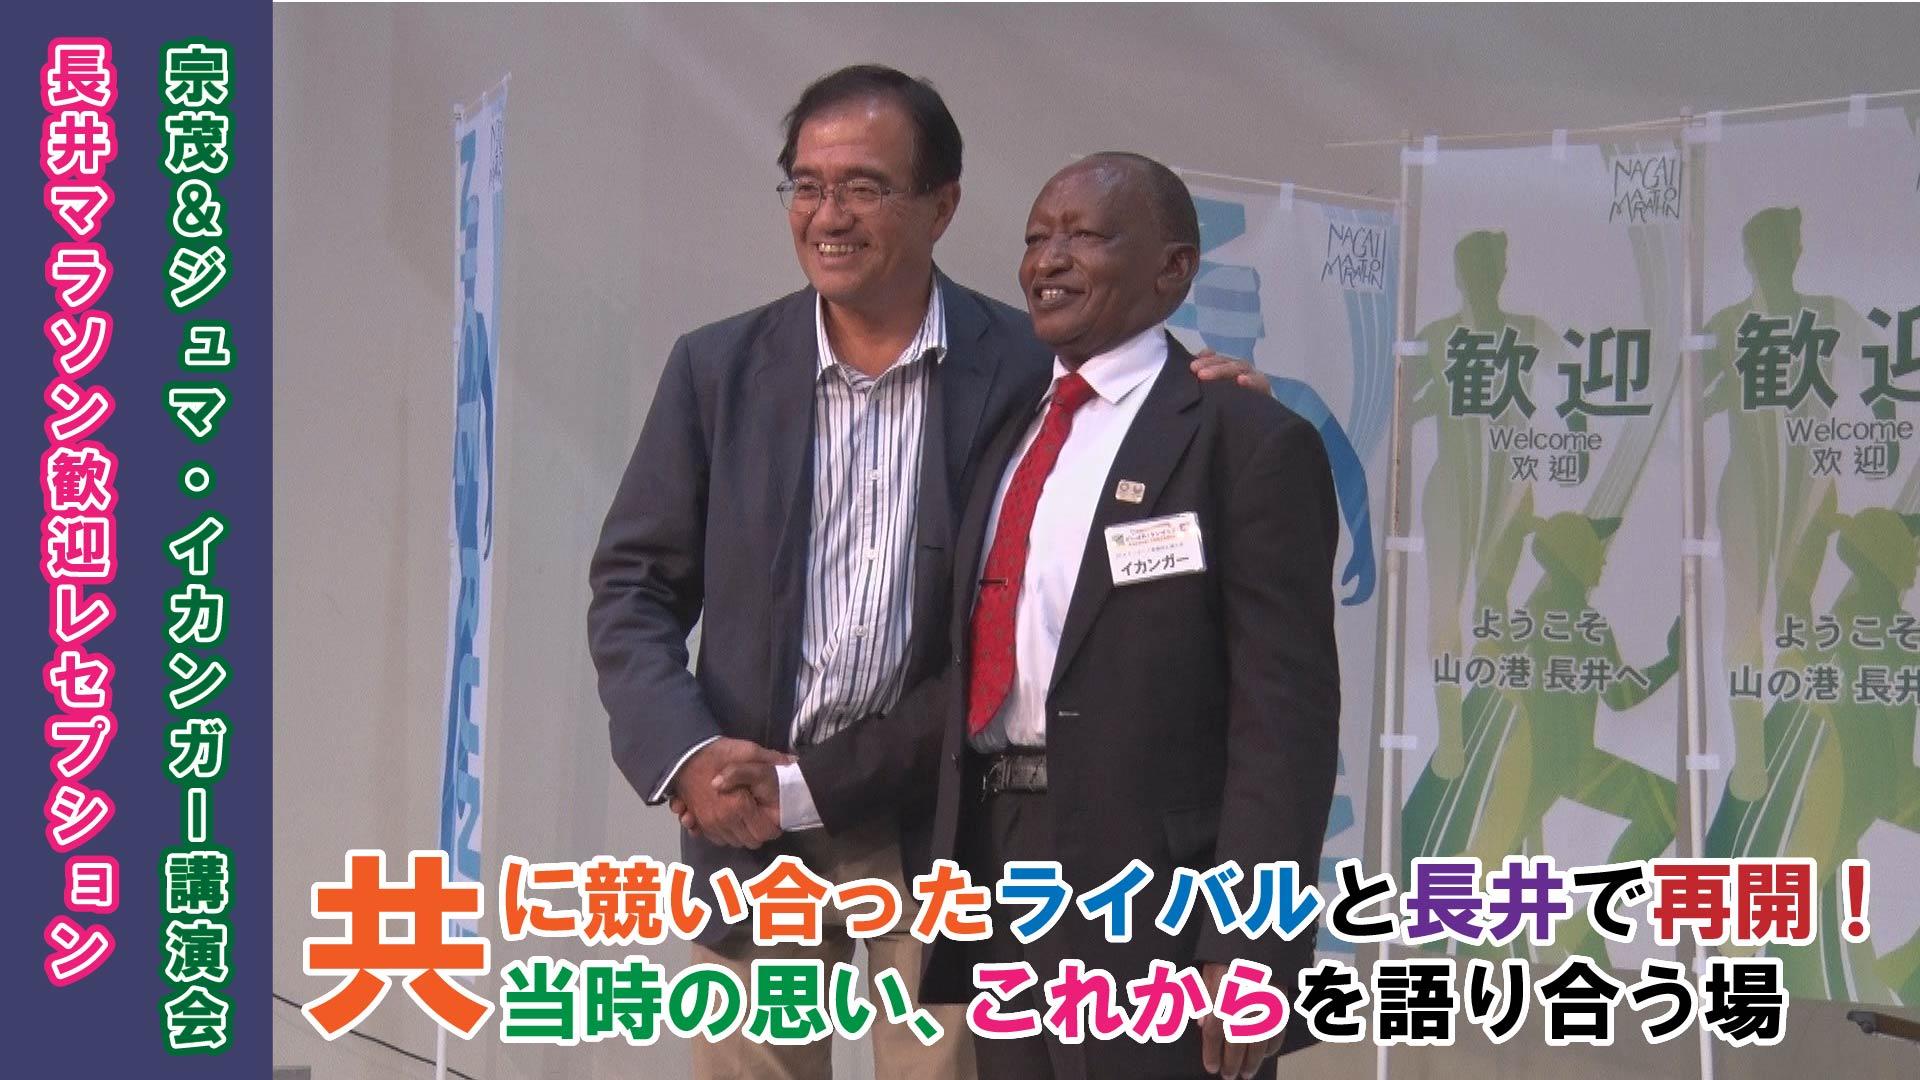 【長井市】「宗茂&ジュマ・イカンガー講演会」・「長井マラソン歓迎レセプション」(令和元年10月19日) :画像